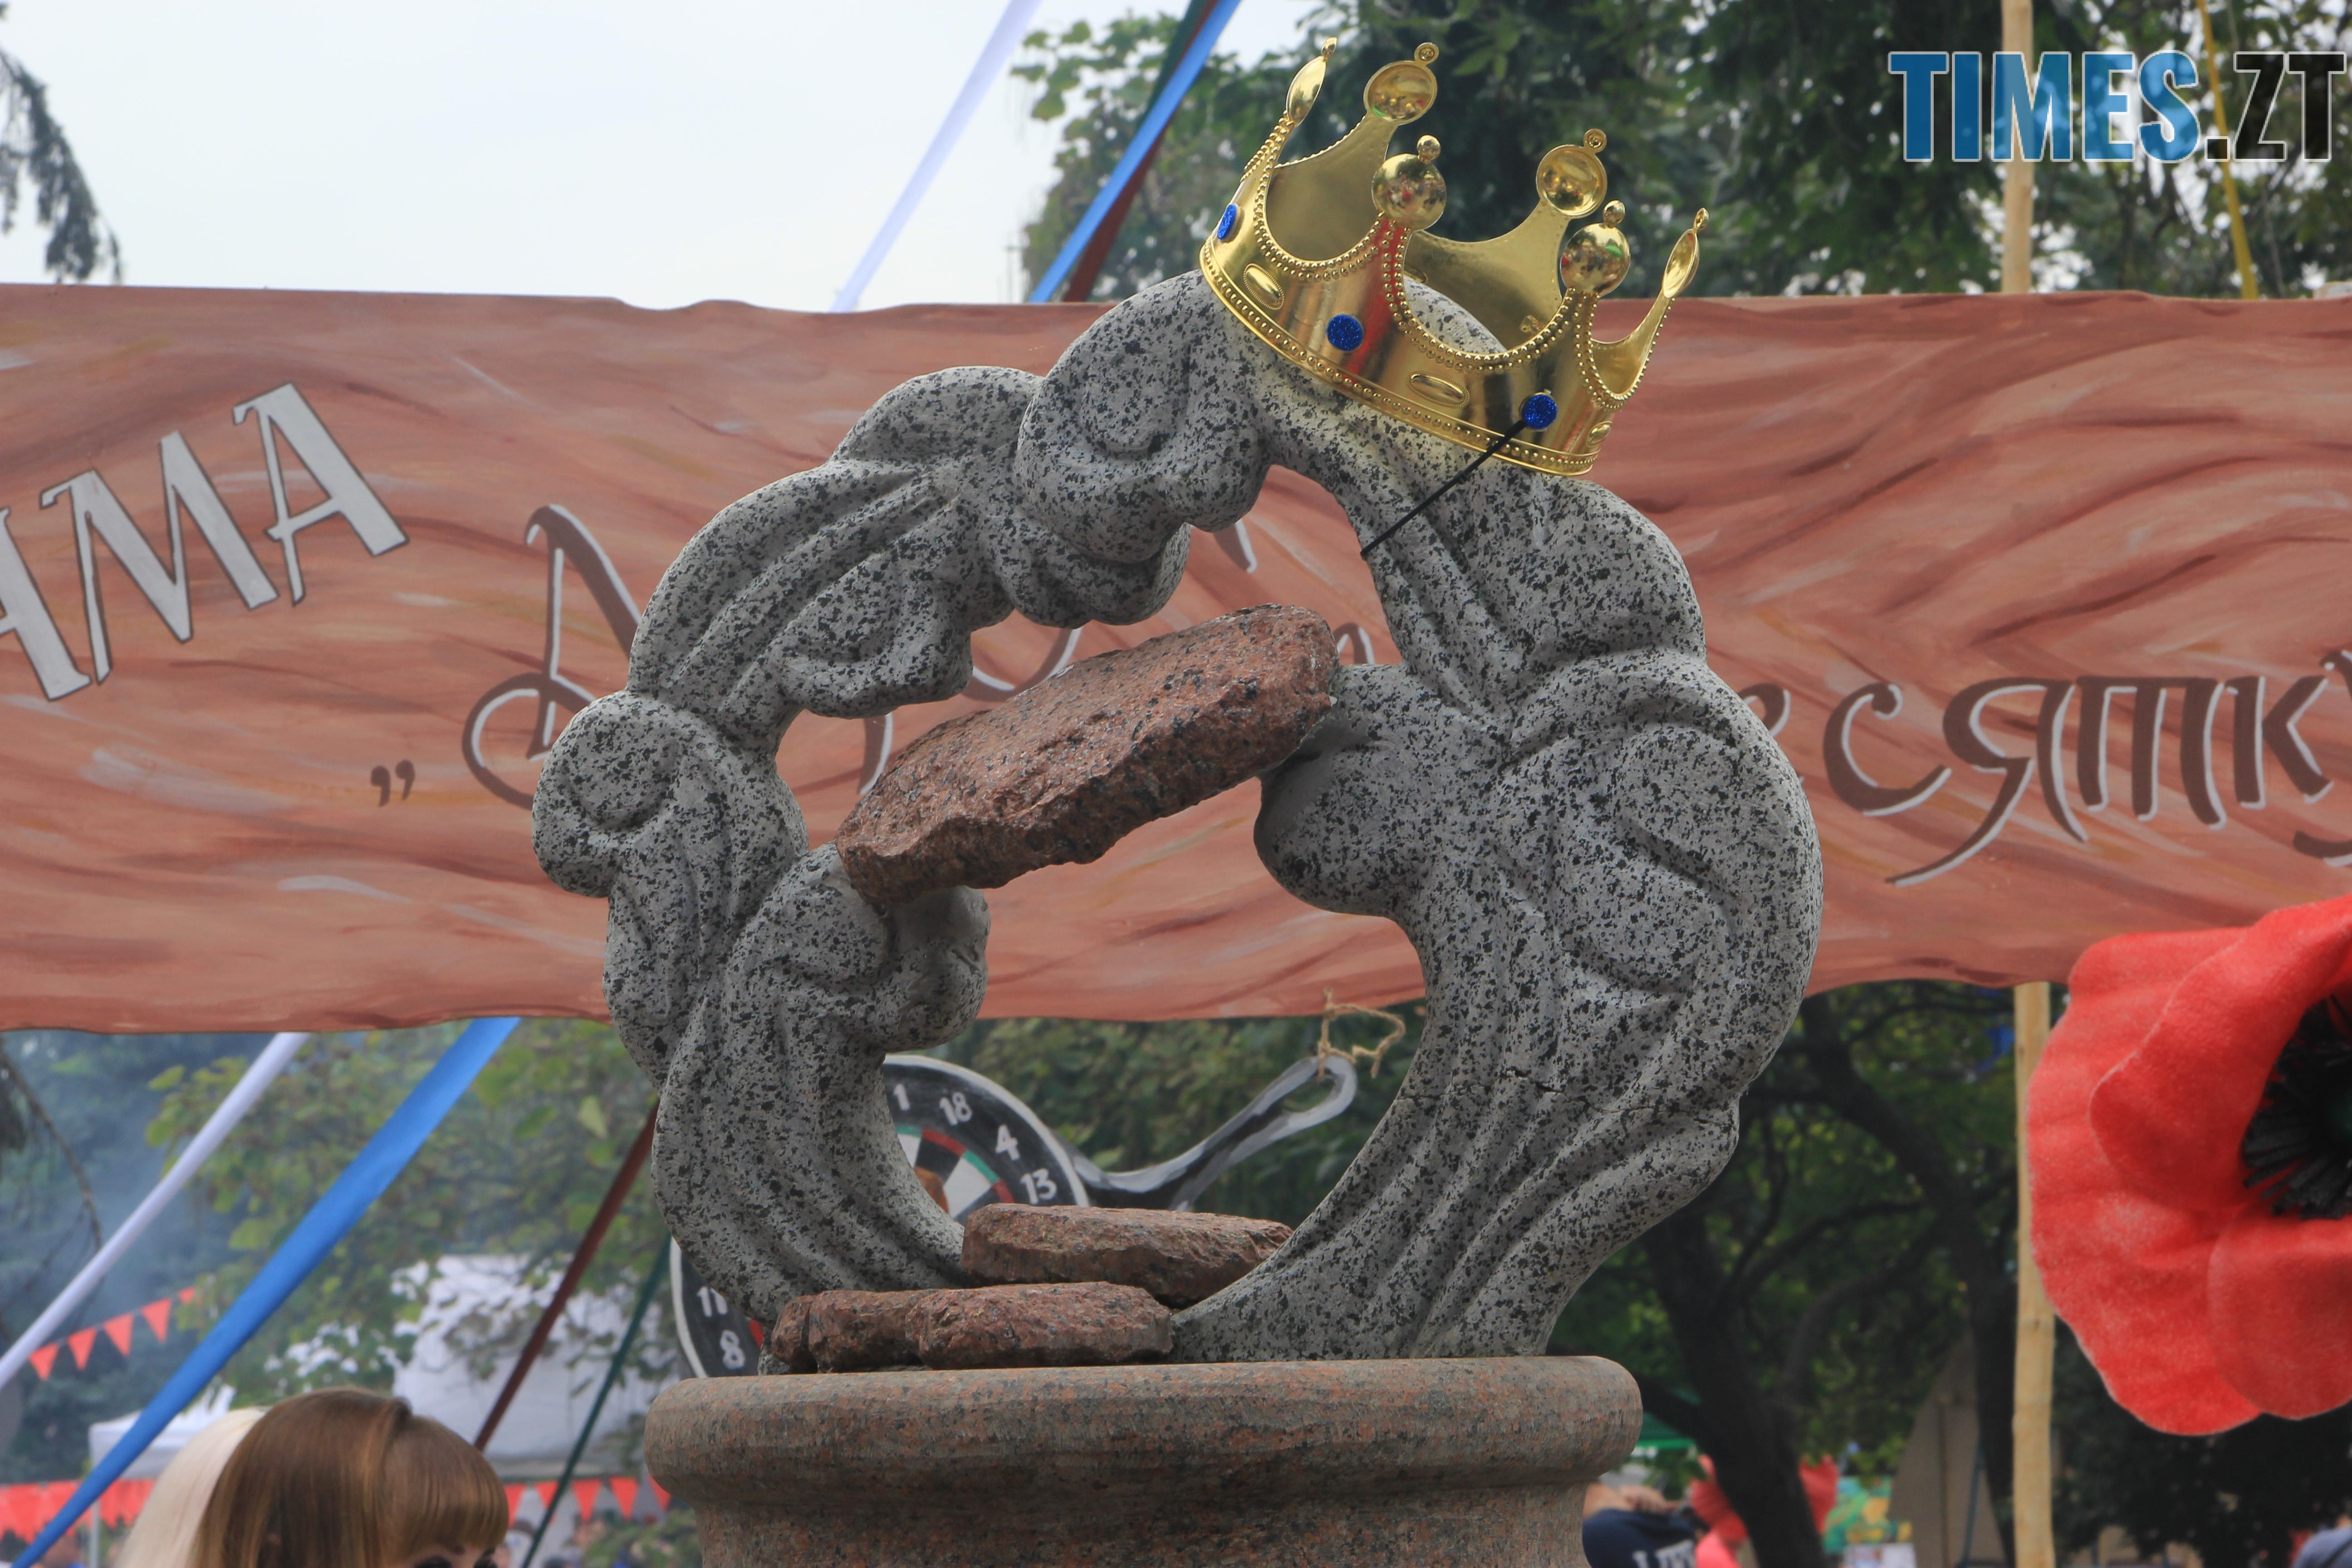 IMG 7665 - Десятий фестиваль дерунів: насмажили чимало, показали найбільшого в країні і побили ним всі рекорди (ФОТОРЕПОРТАЖ)